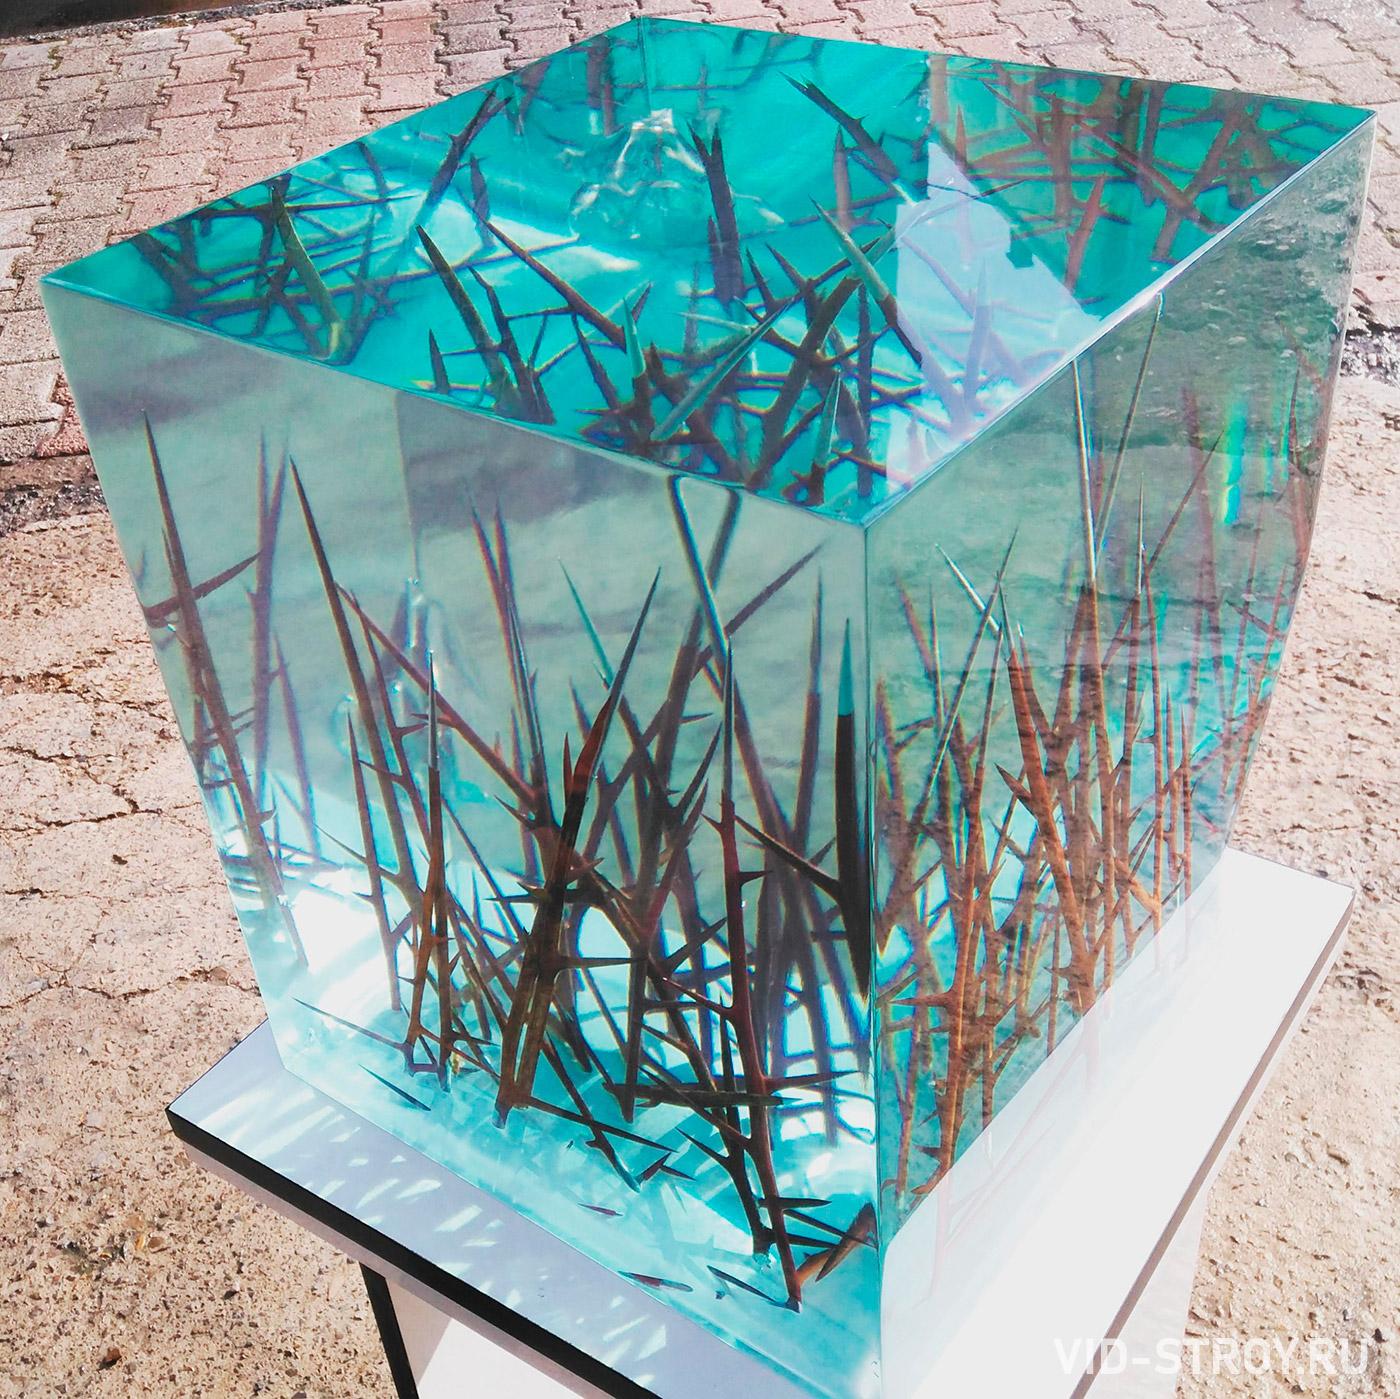 декоративный куб из смолы и сухих веток